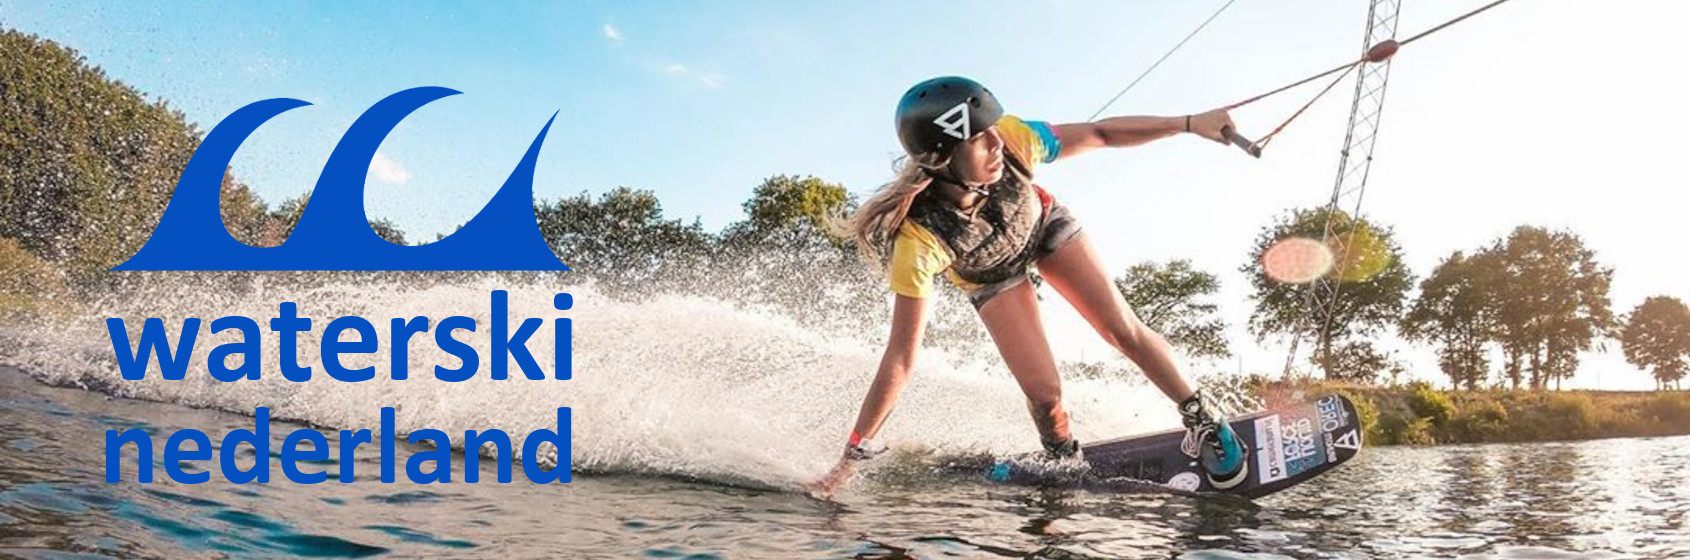 Cable wakeboard met Sanne Meijer - Waterski Nederland